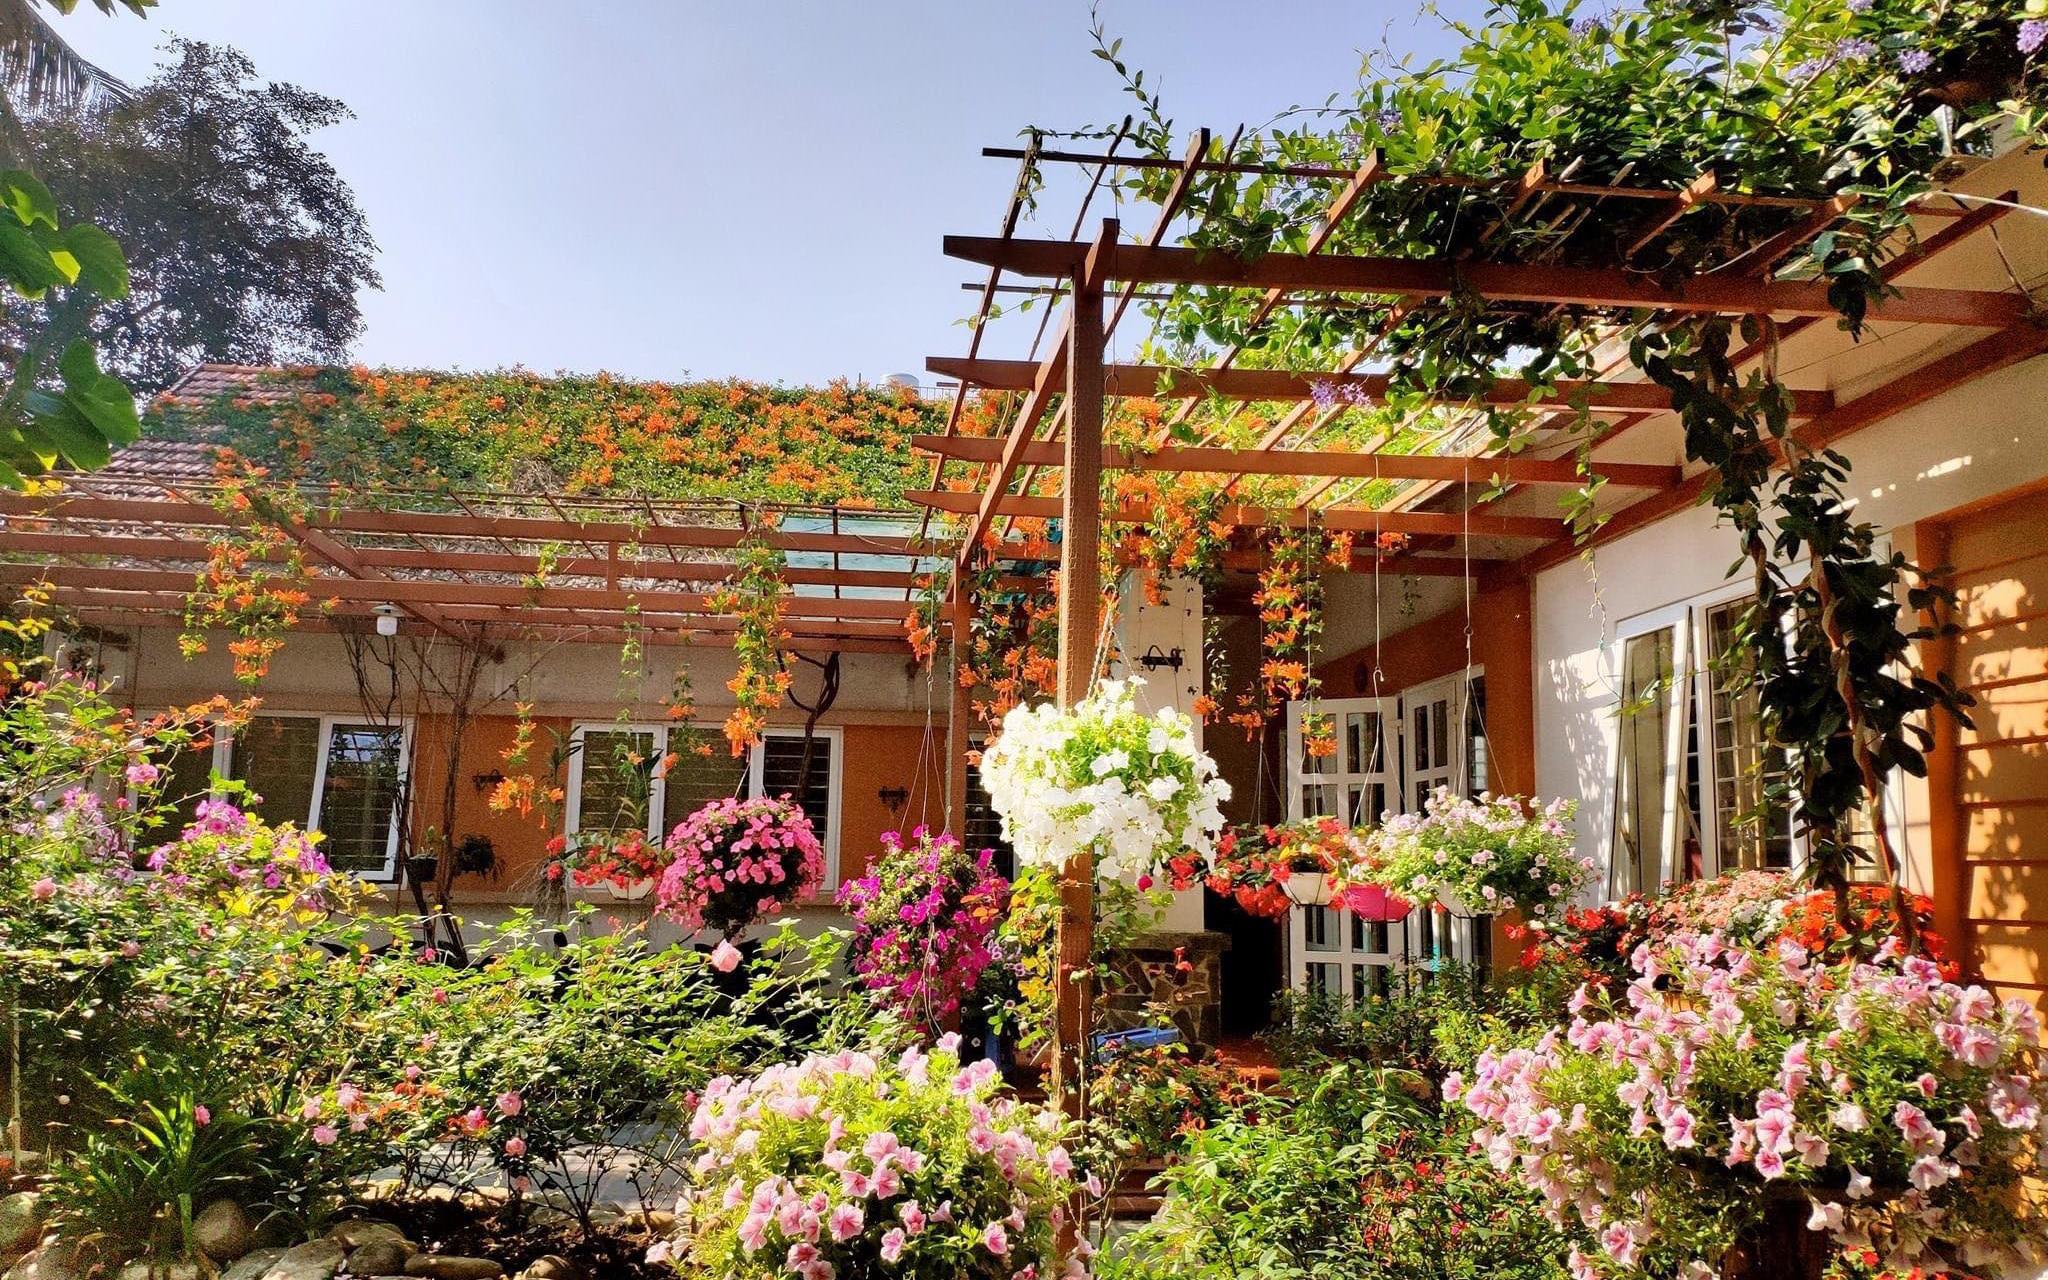 Căn nhà vườn vạn người mơ ước của người chồng chăm chỉ cuốc đất cho vợ phủ kín hoa ở TP. Điện Biên